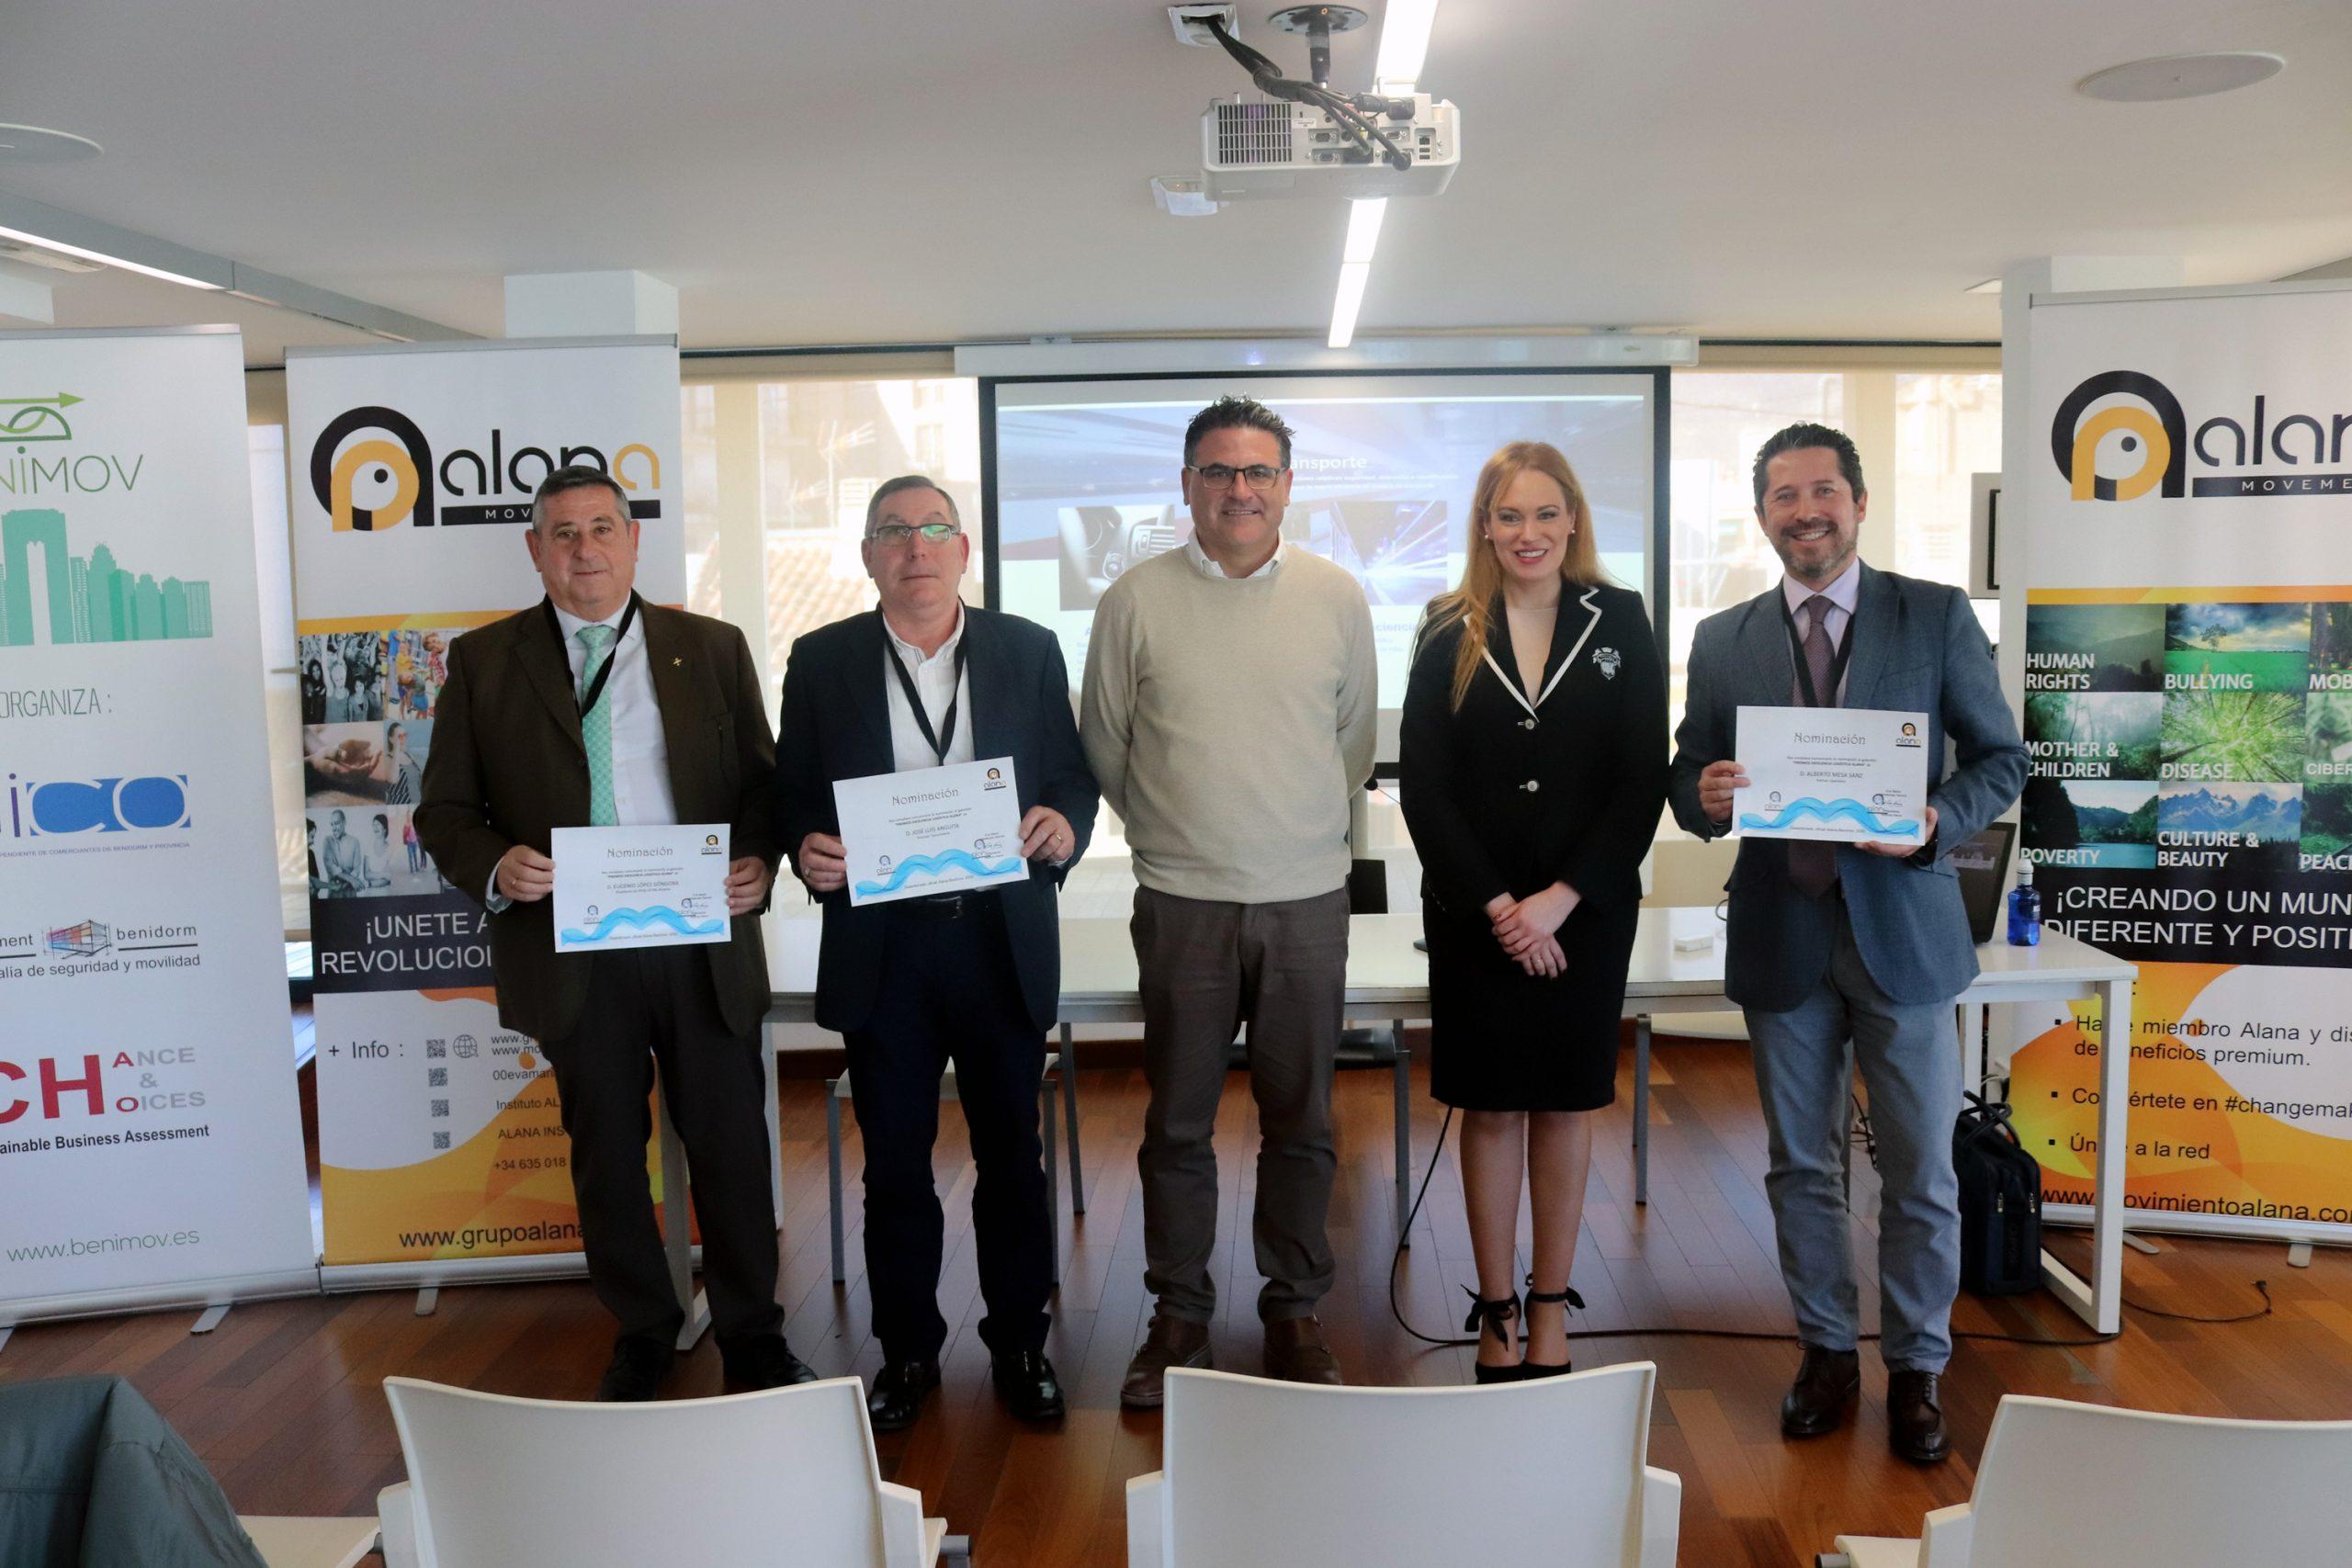 Instituto Alana lidera el cambio digital en el transporte urbano